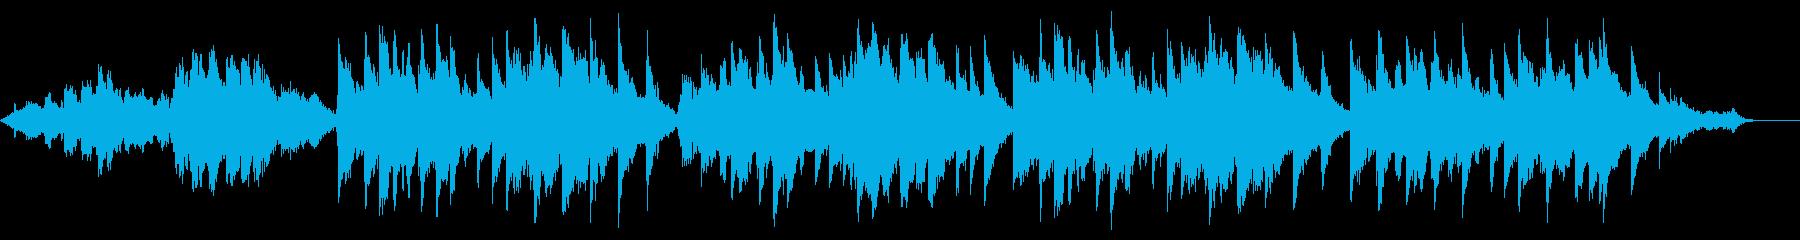 エレクトロニック 静か エキゾチッ...の再生済みの波形